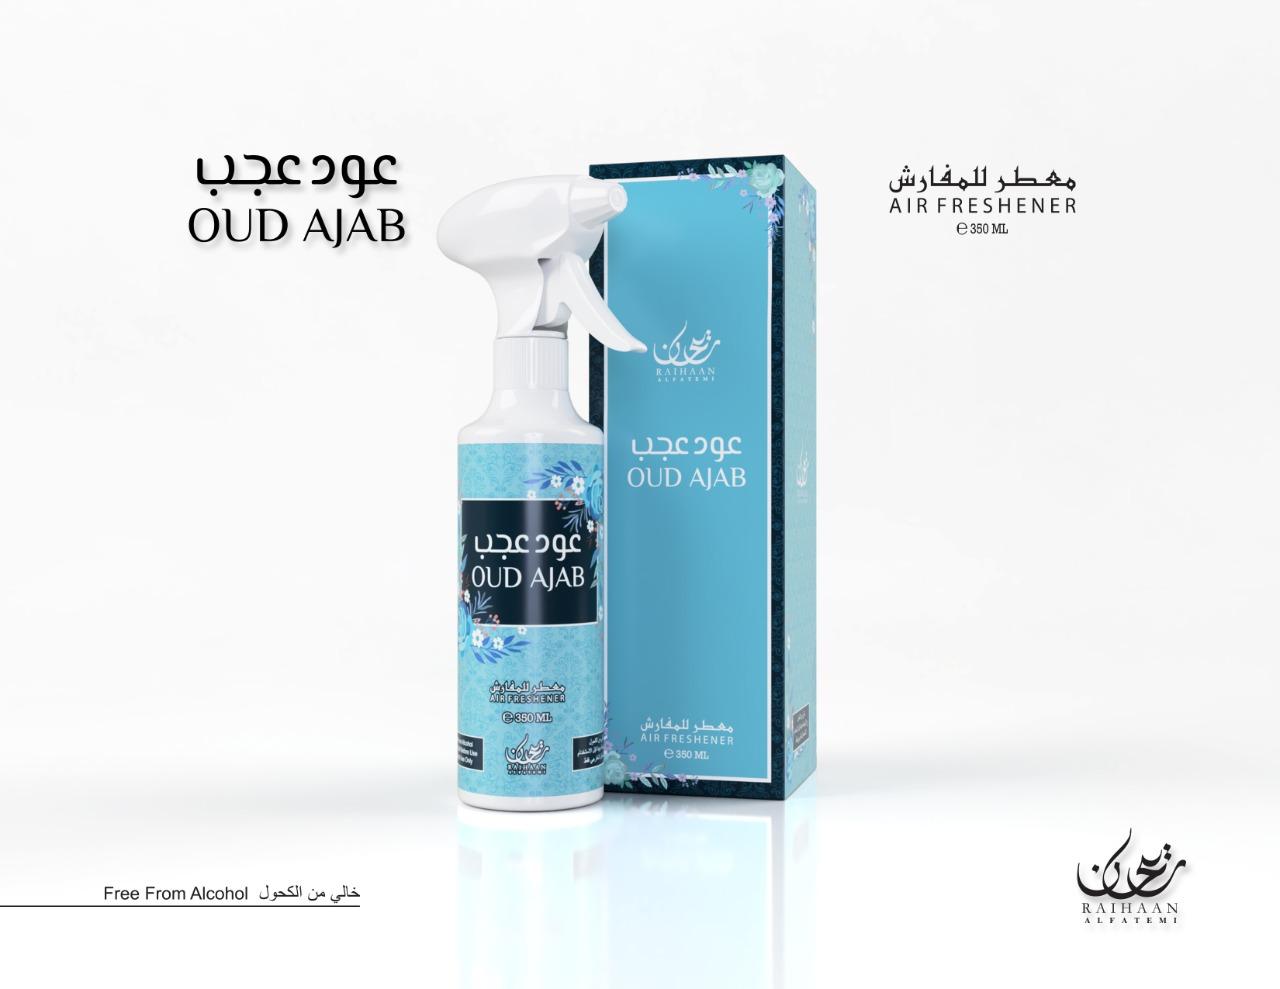 Spray d'intérieur Oud Ajab de la grande maison de Parfumerie située à Dubaï Raihaan Al Fatemi va diffuser une odeur prononcé et agréable de Oud. Contenance: 350ml.